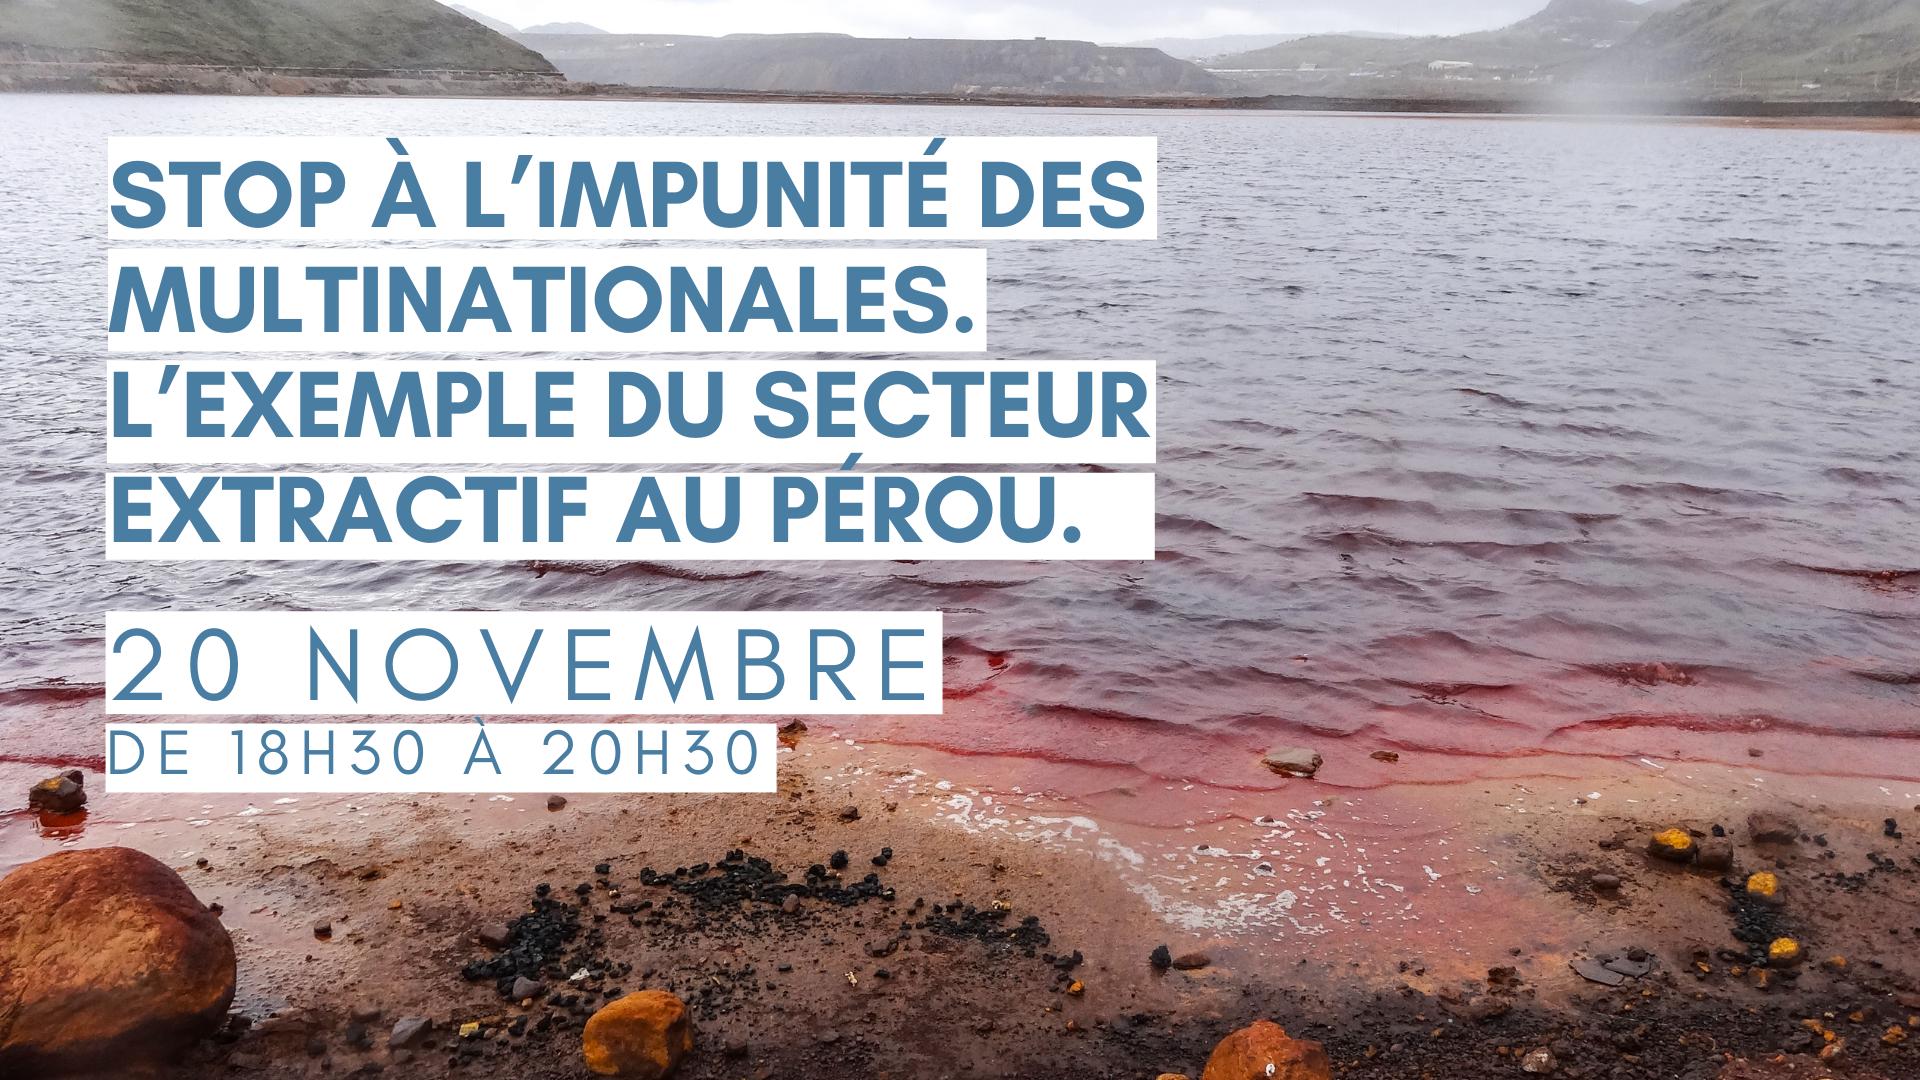 20_novembre_de_18h30_a_20h30-2.png